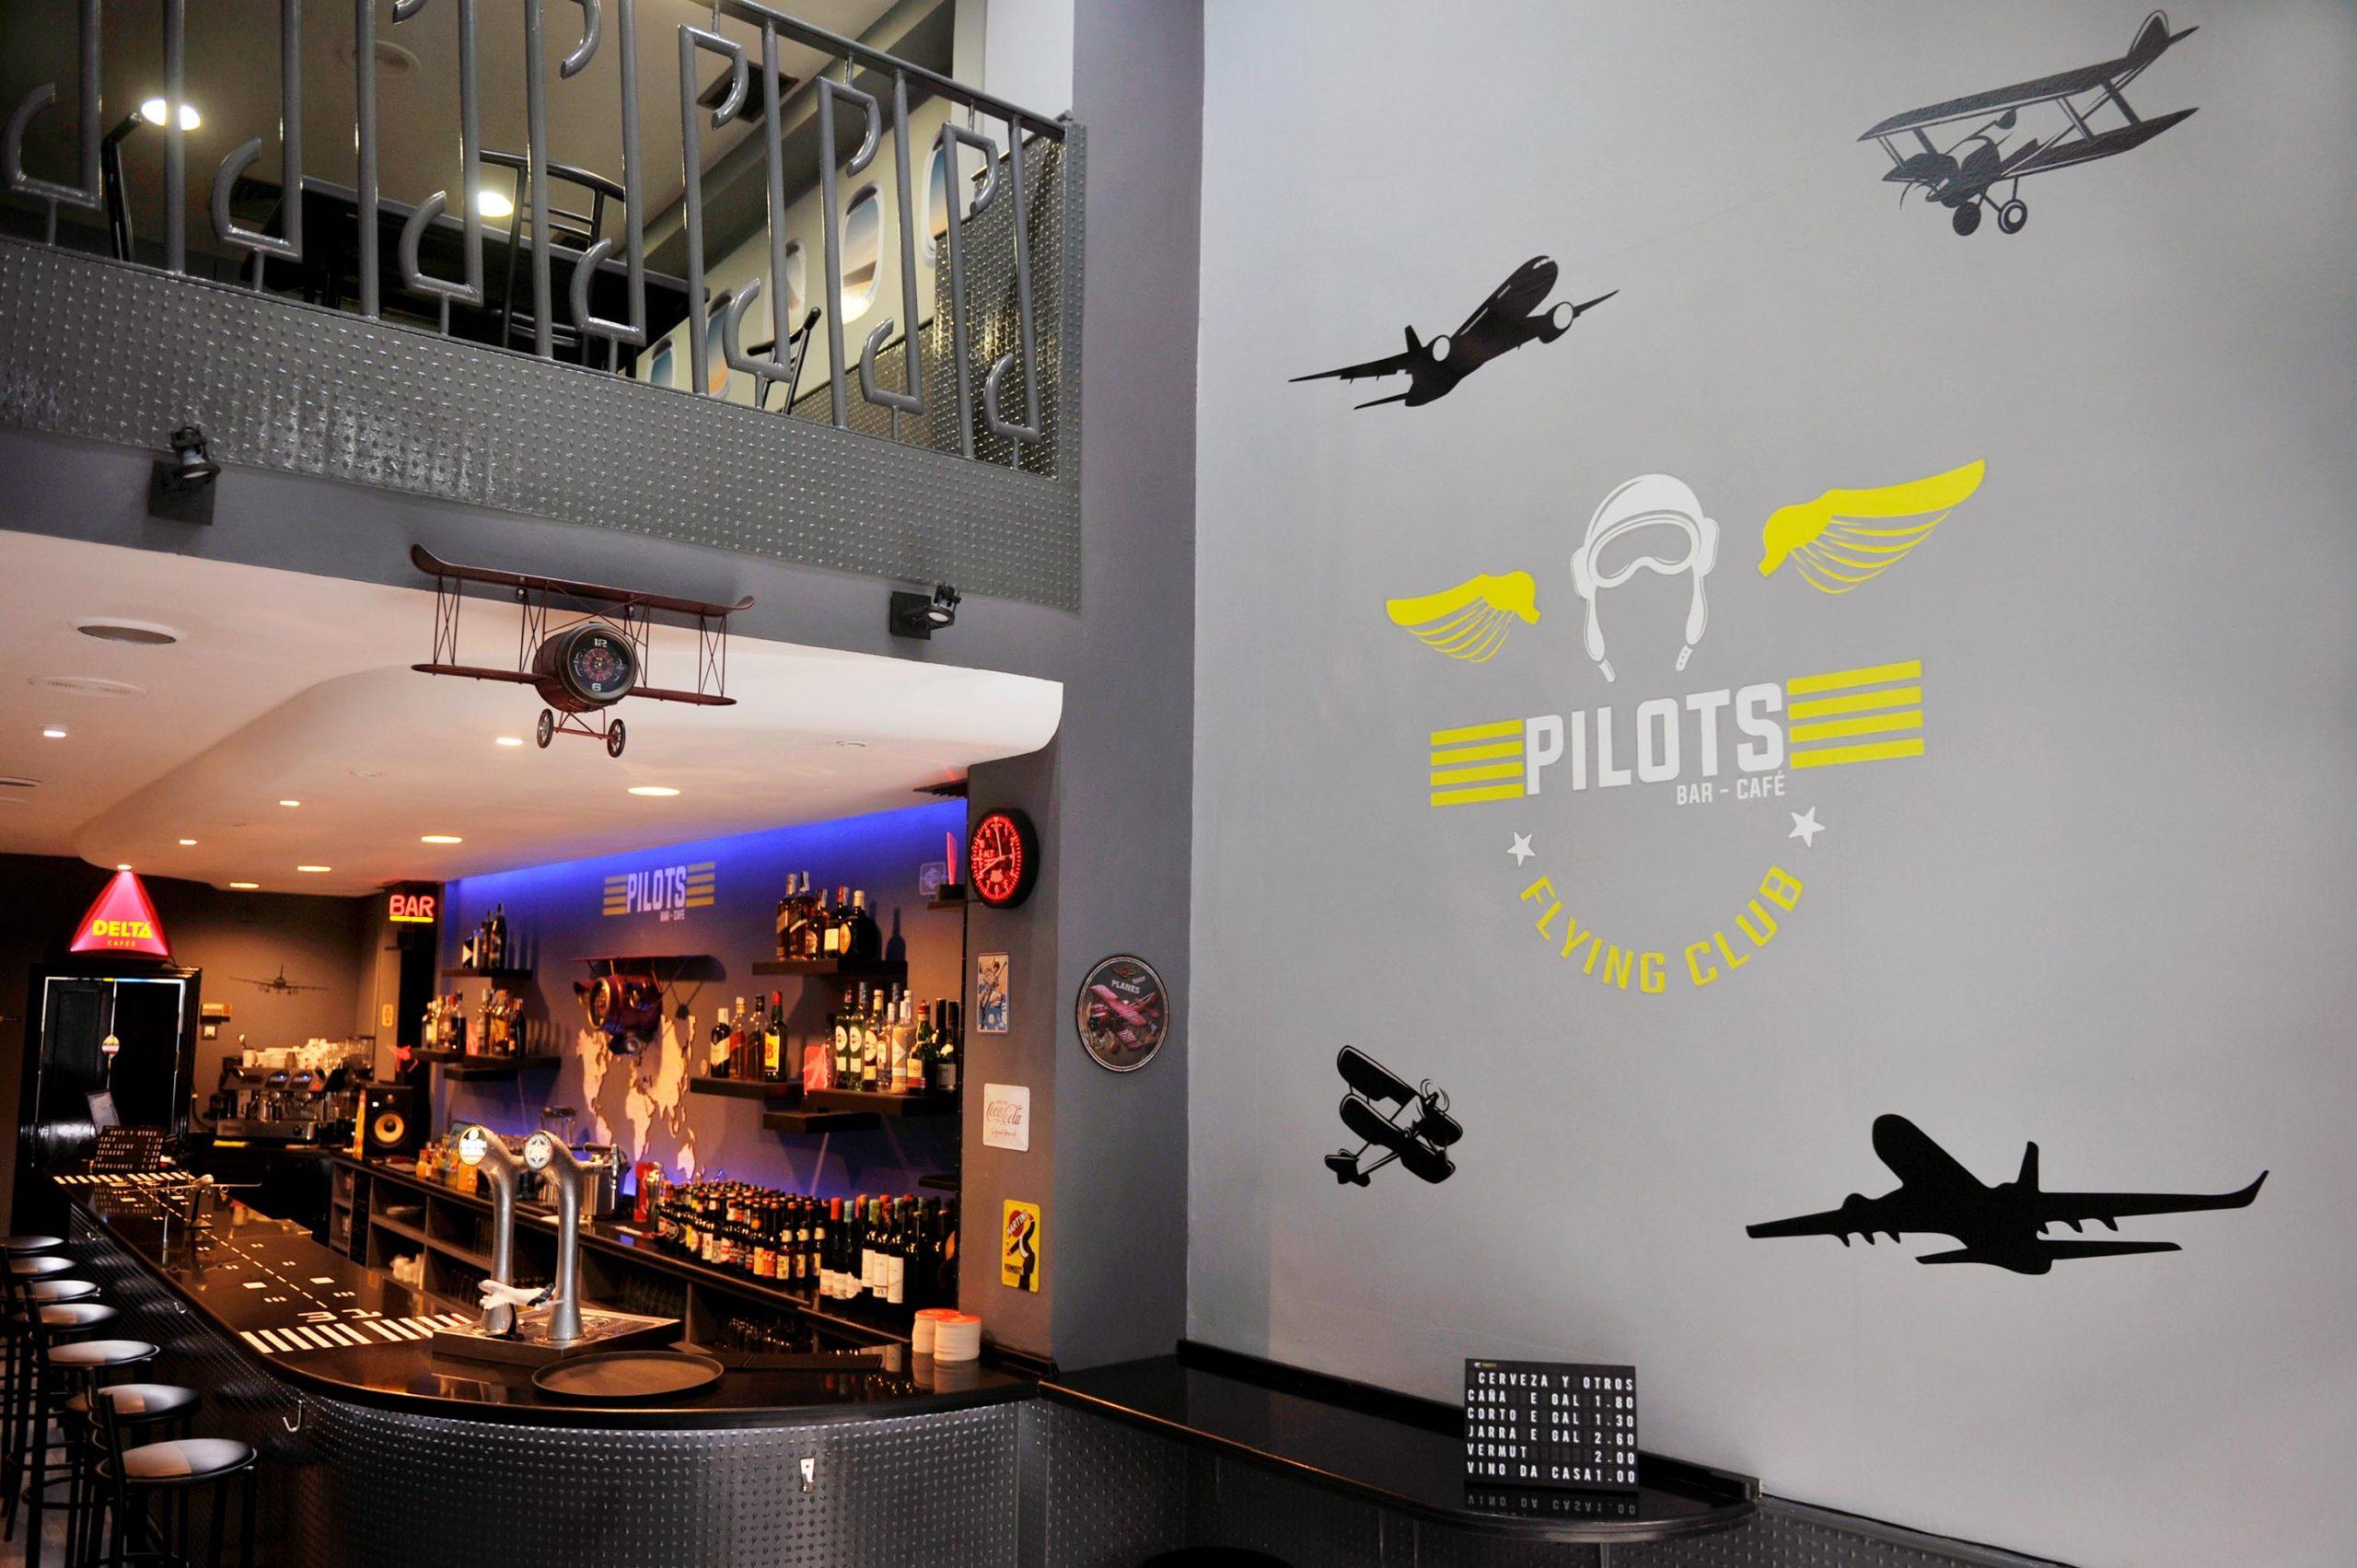 Pilots, una oferta de altos vuelos